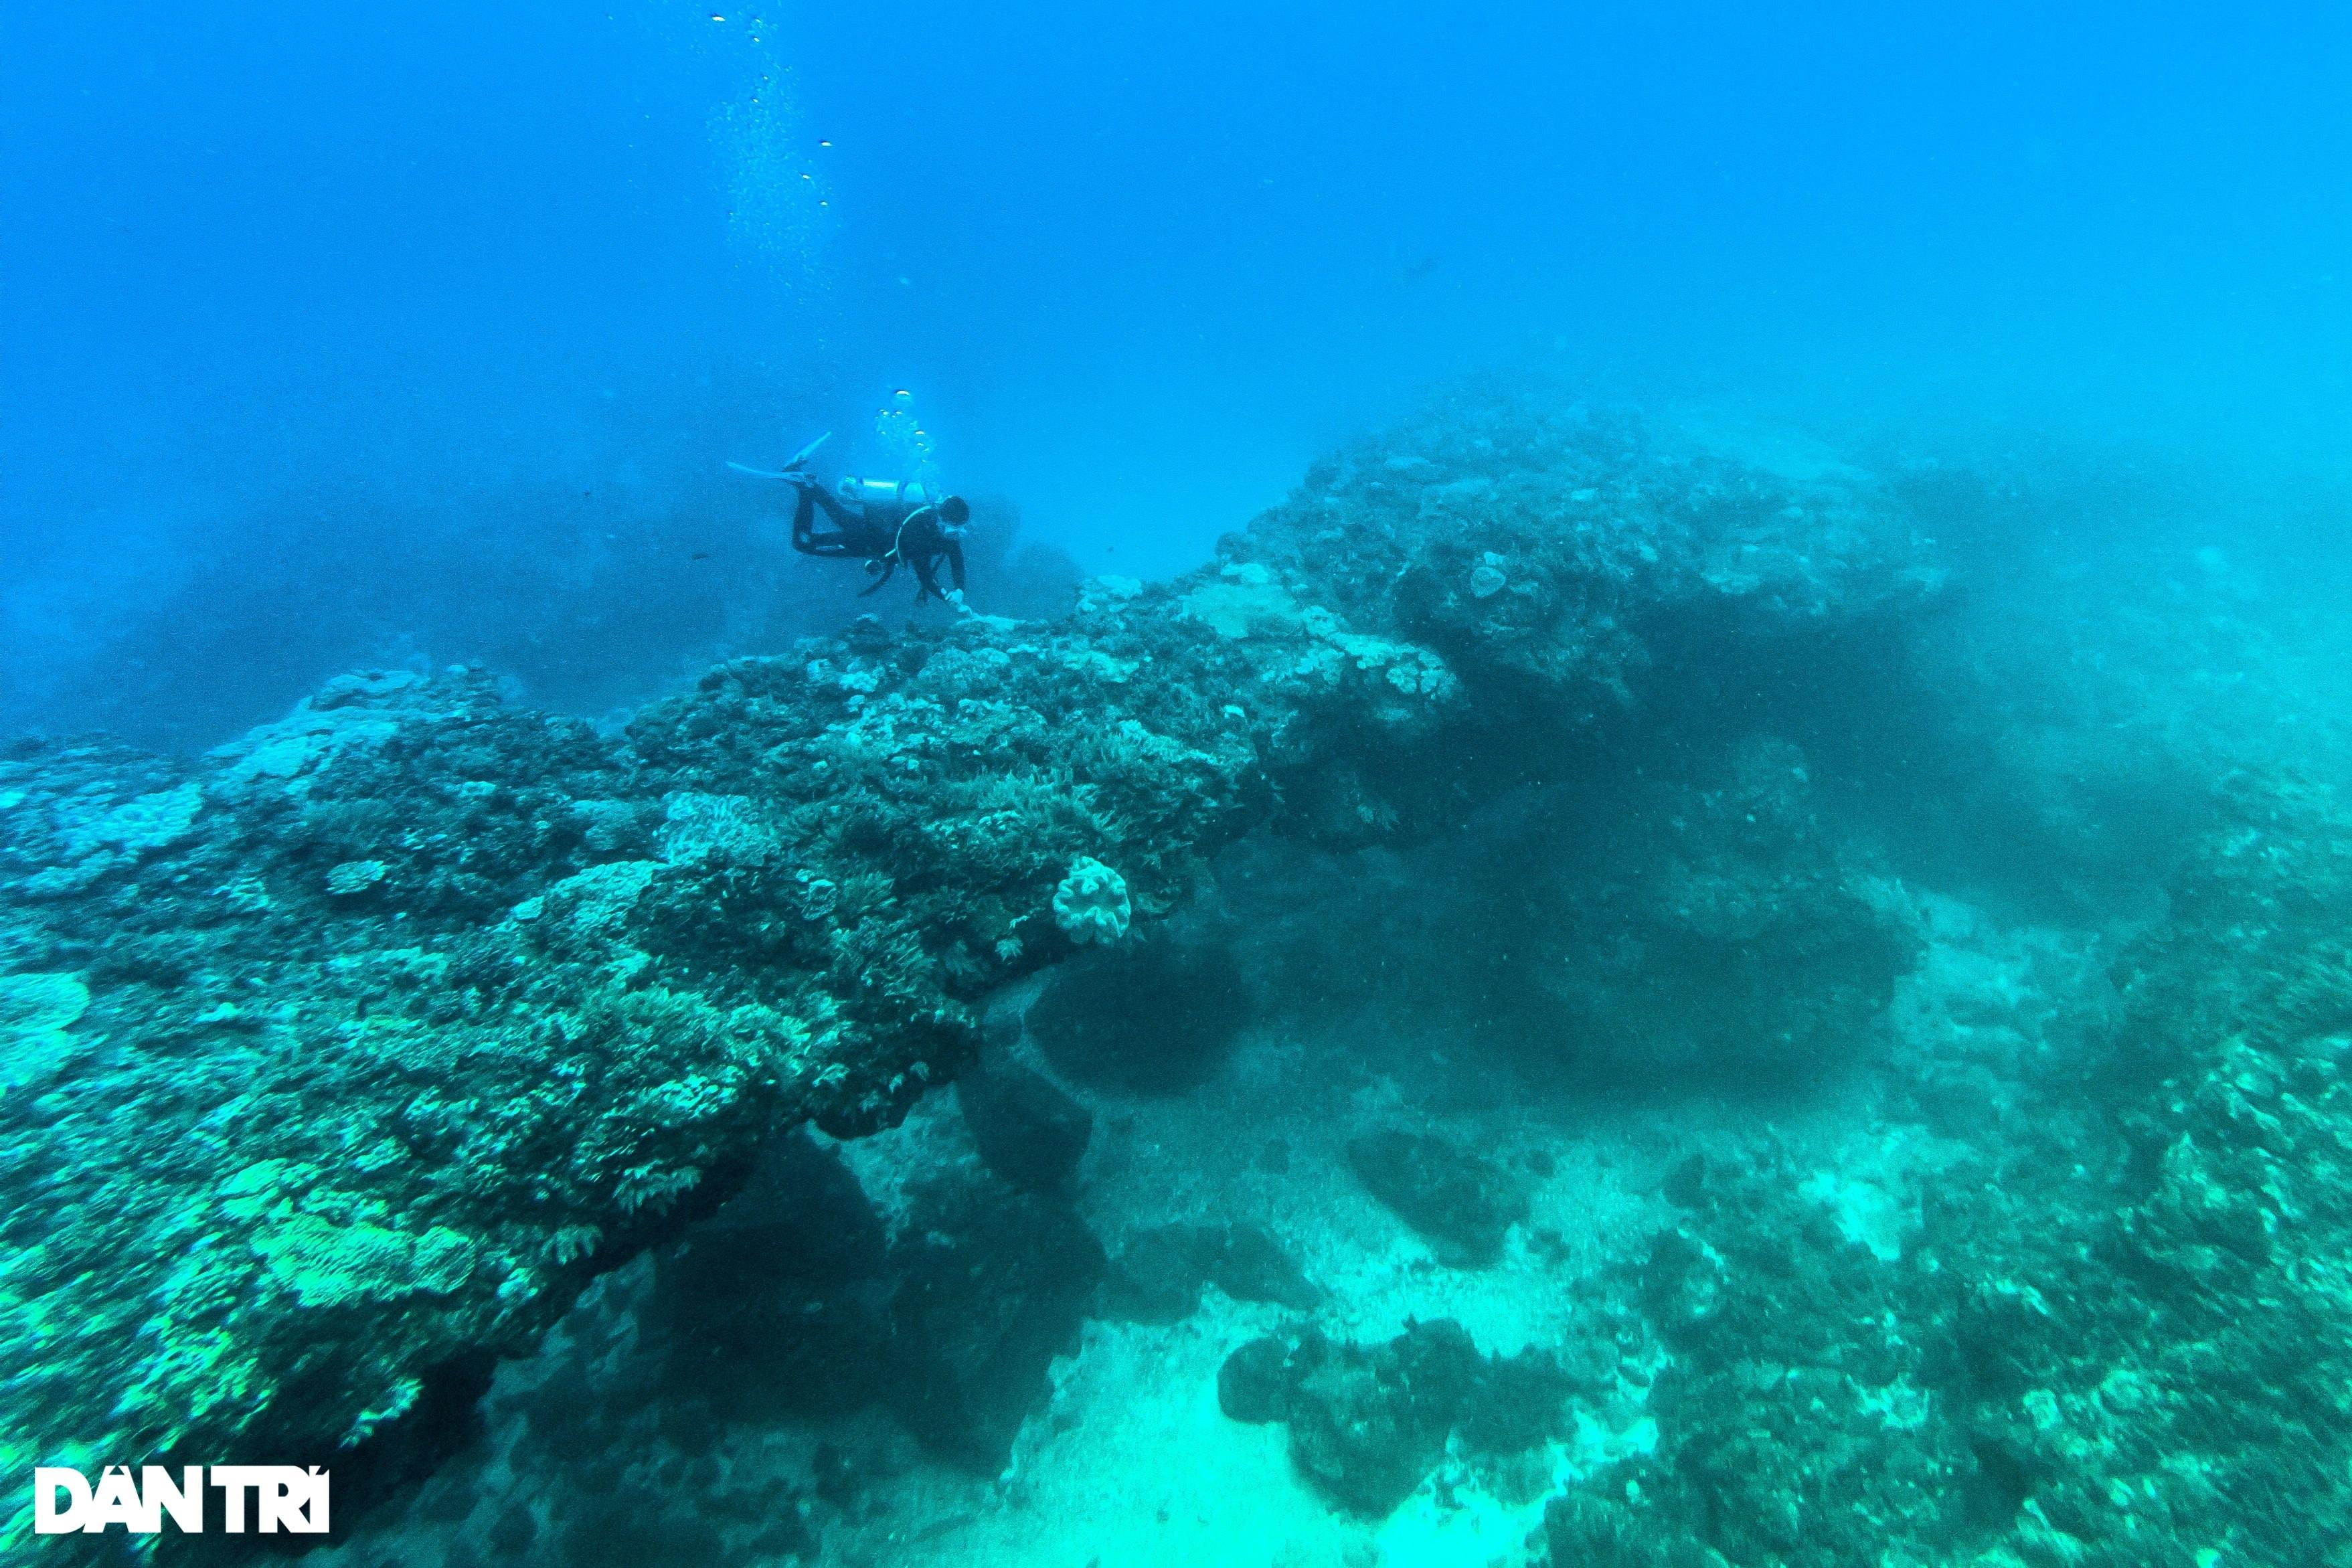 Núi lửa triệu năm tuổi và những cảnh đẹp hút hồn du khách ở đảo Lý Sơn - 7